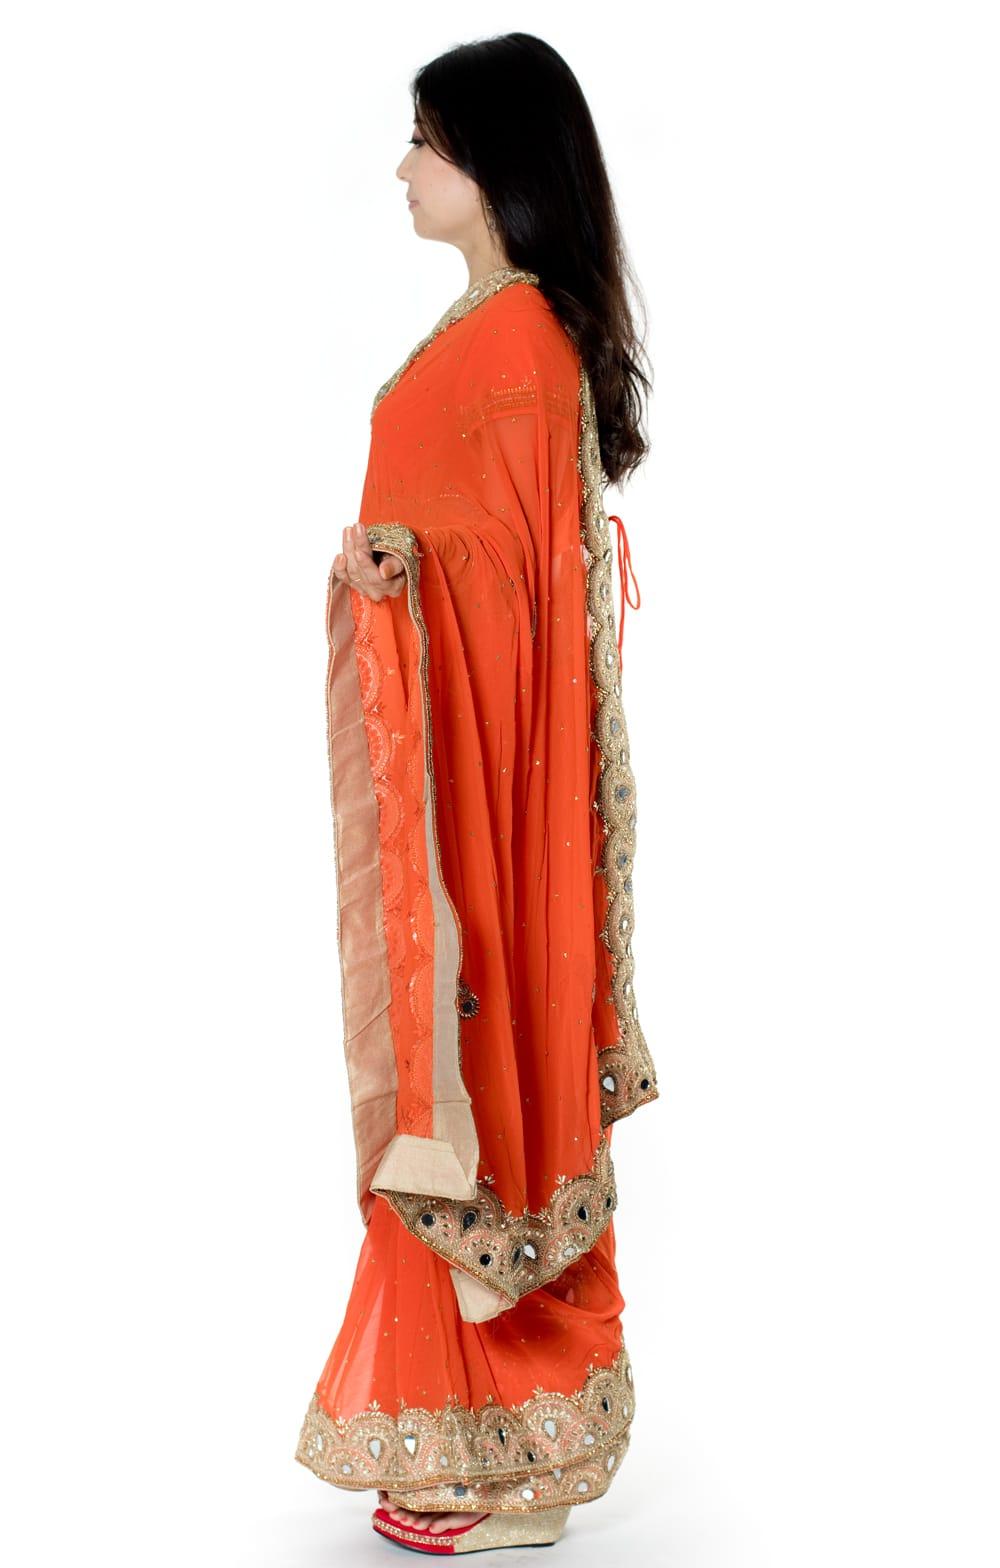 【一点物・ちょっと訳あり】ミラーワークと刺繍の婚礼用ゴージャス ジョーゼットサリー【チョリ付き】 - オレンジ 2 - 横からの写真です